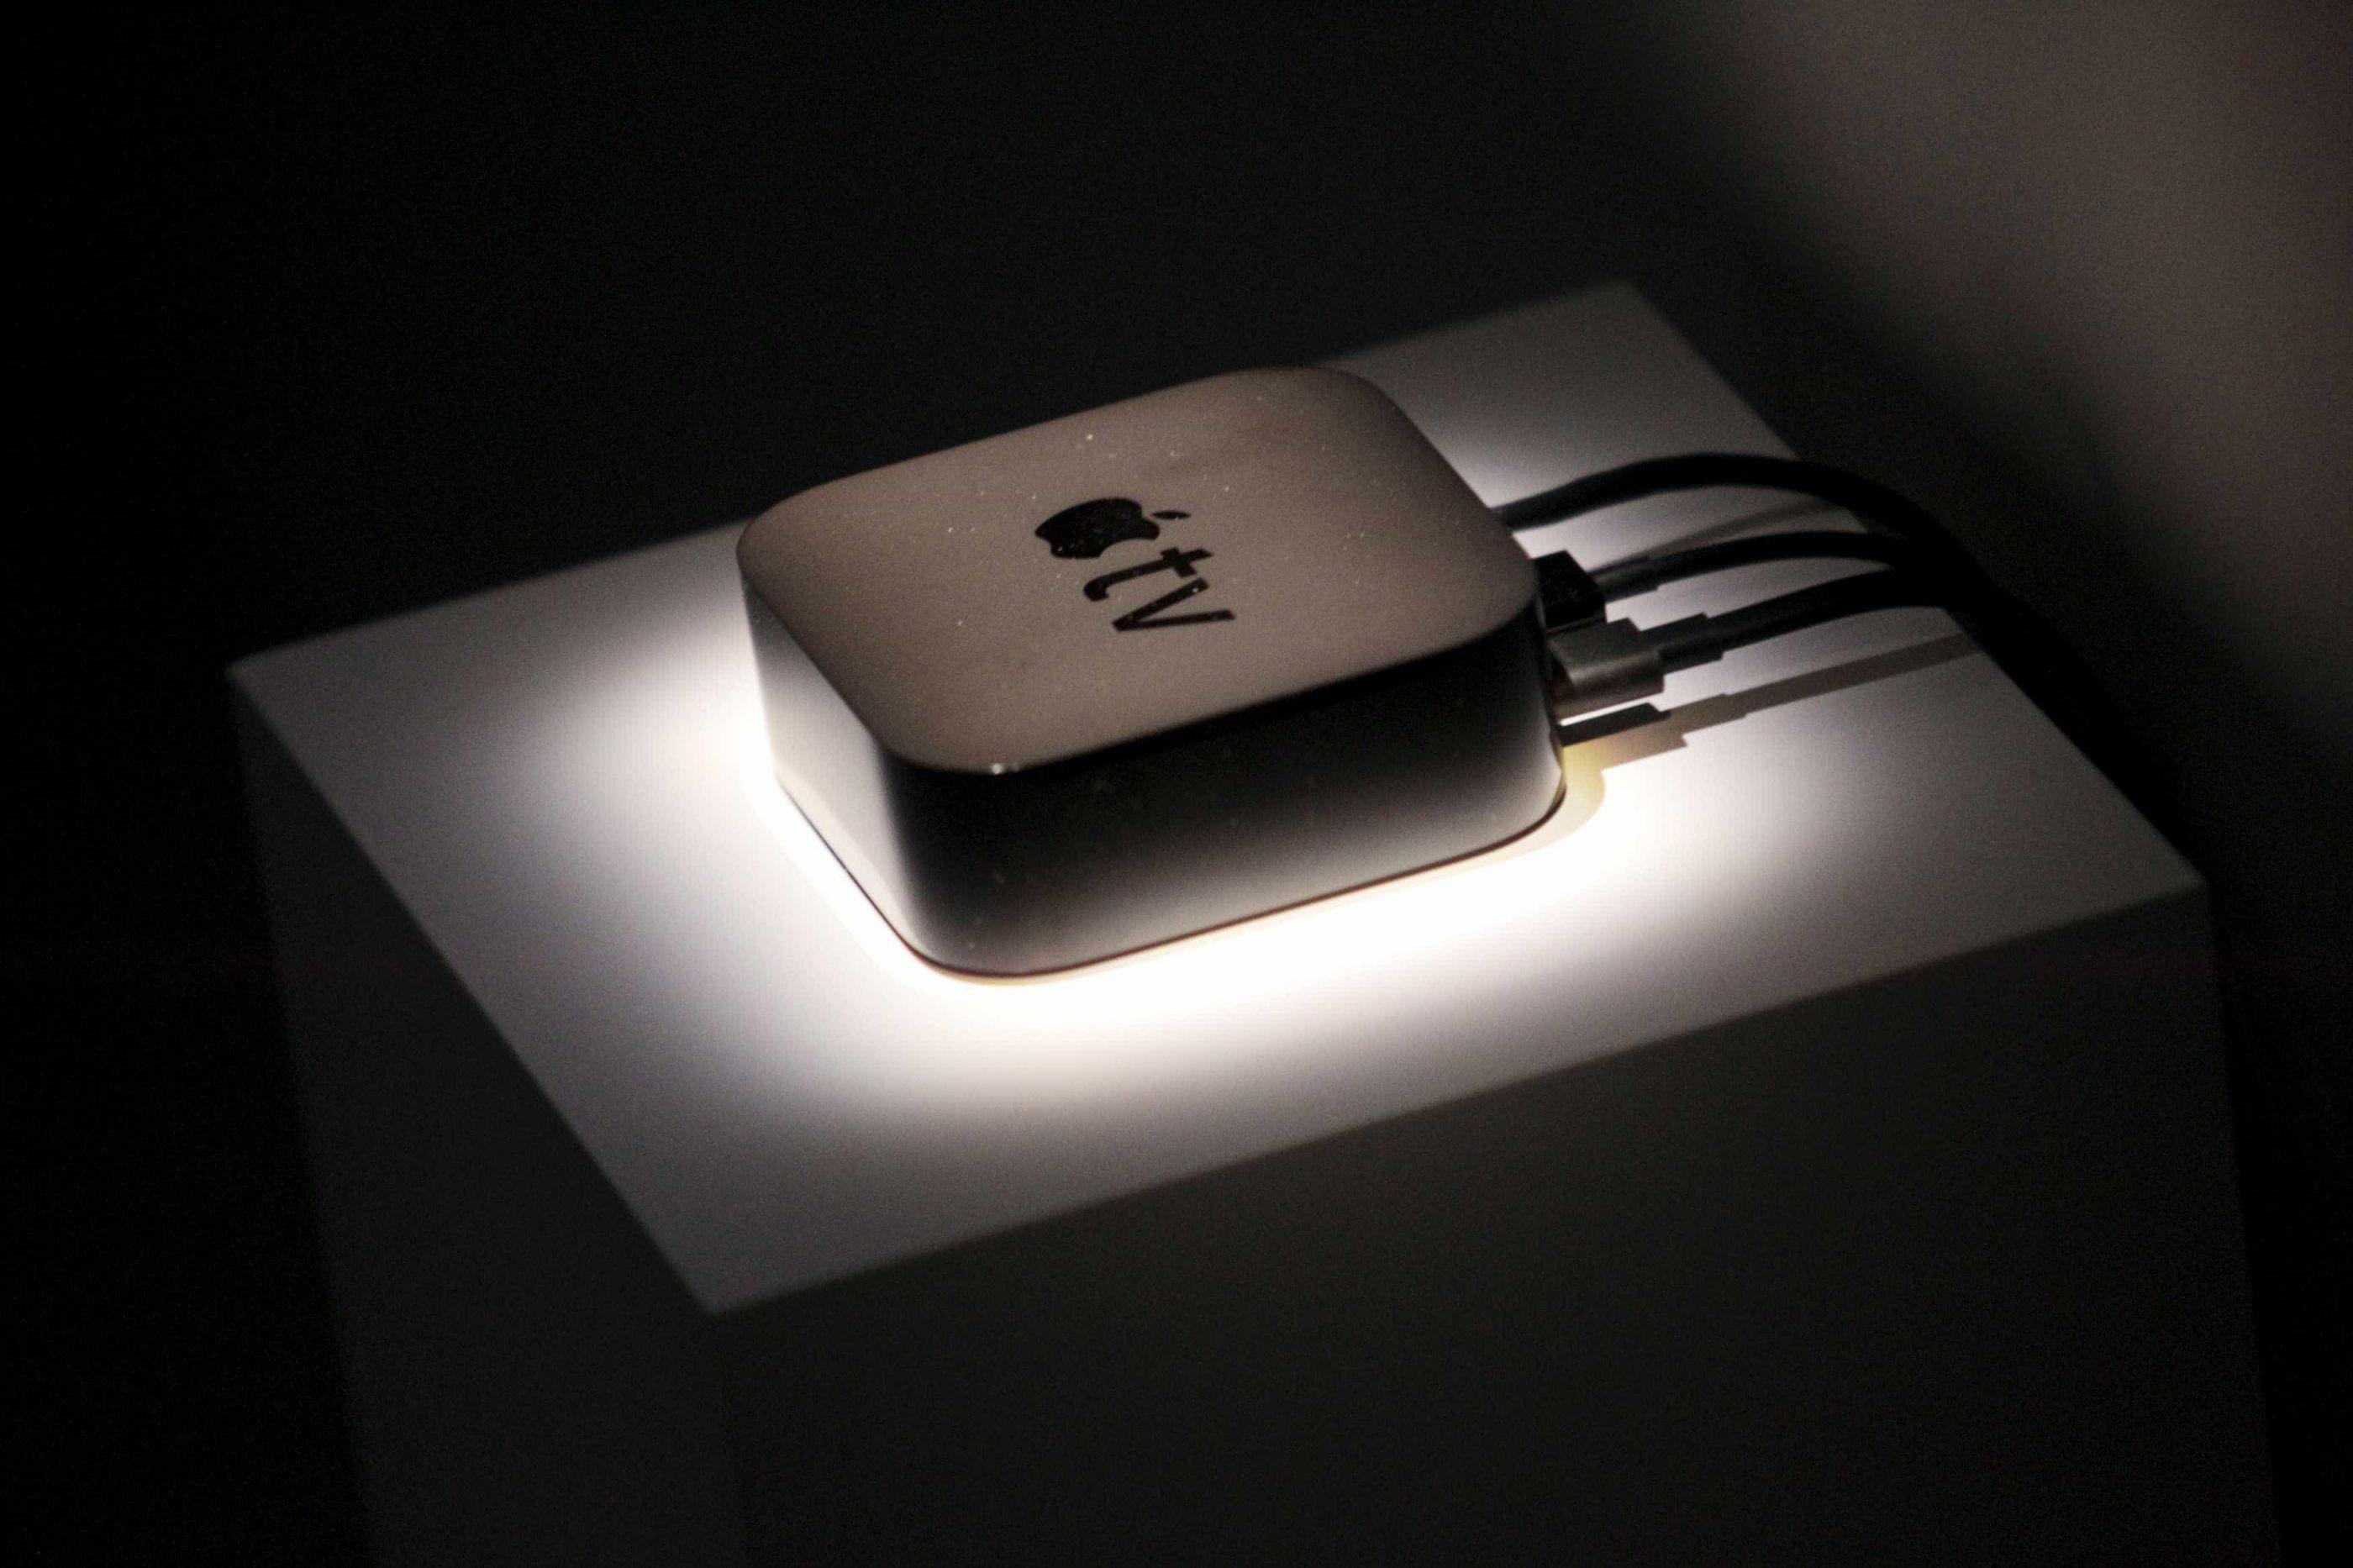 Apple confirma evento para este mês. O que será apresentado?